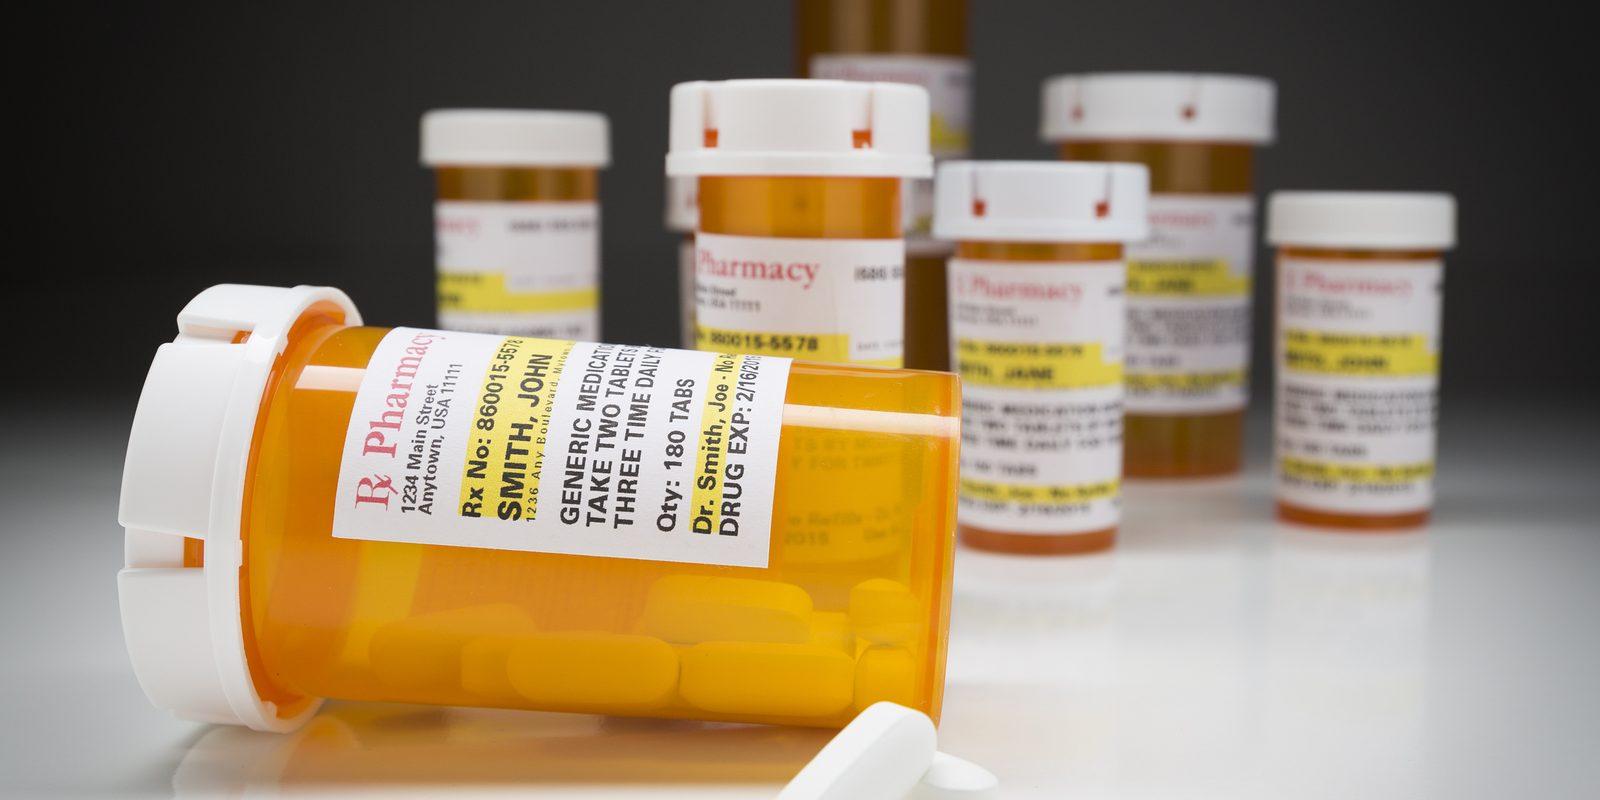 I Need Help For Painkiller Addiction – Where Do I Start?